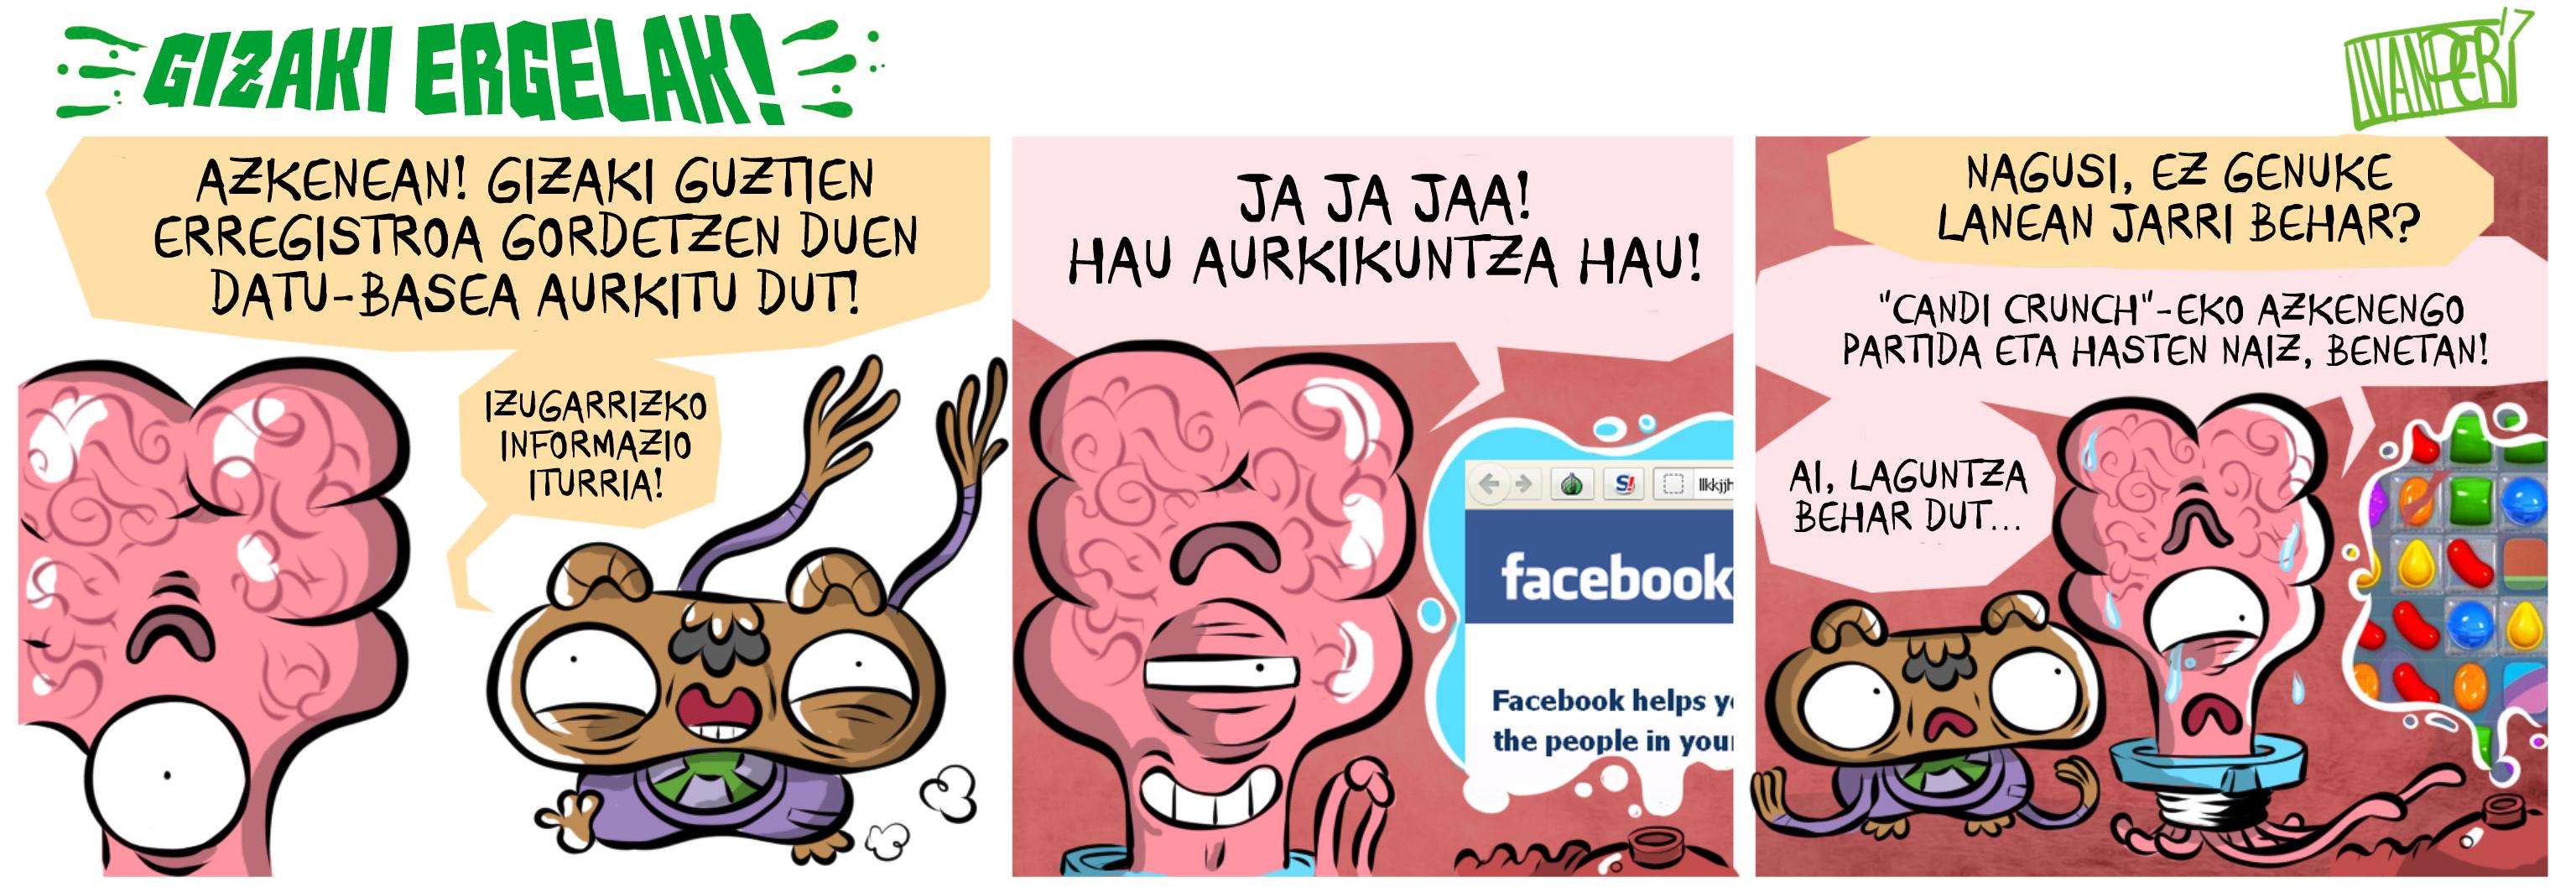 komikia-ivanper-gizaki-ergelak-2017-candi-crunch